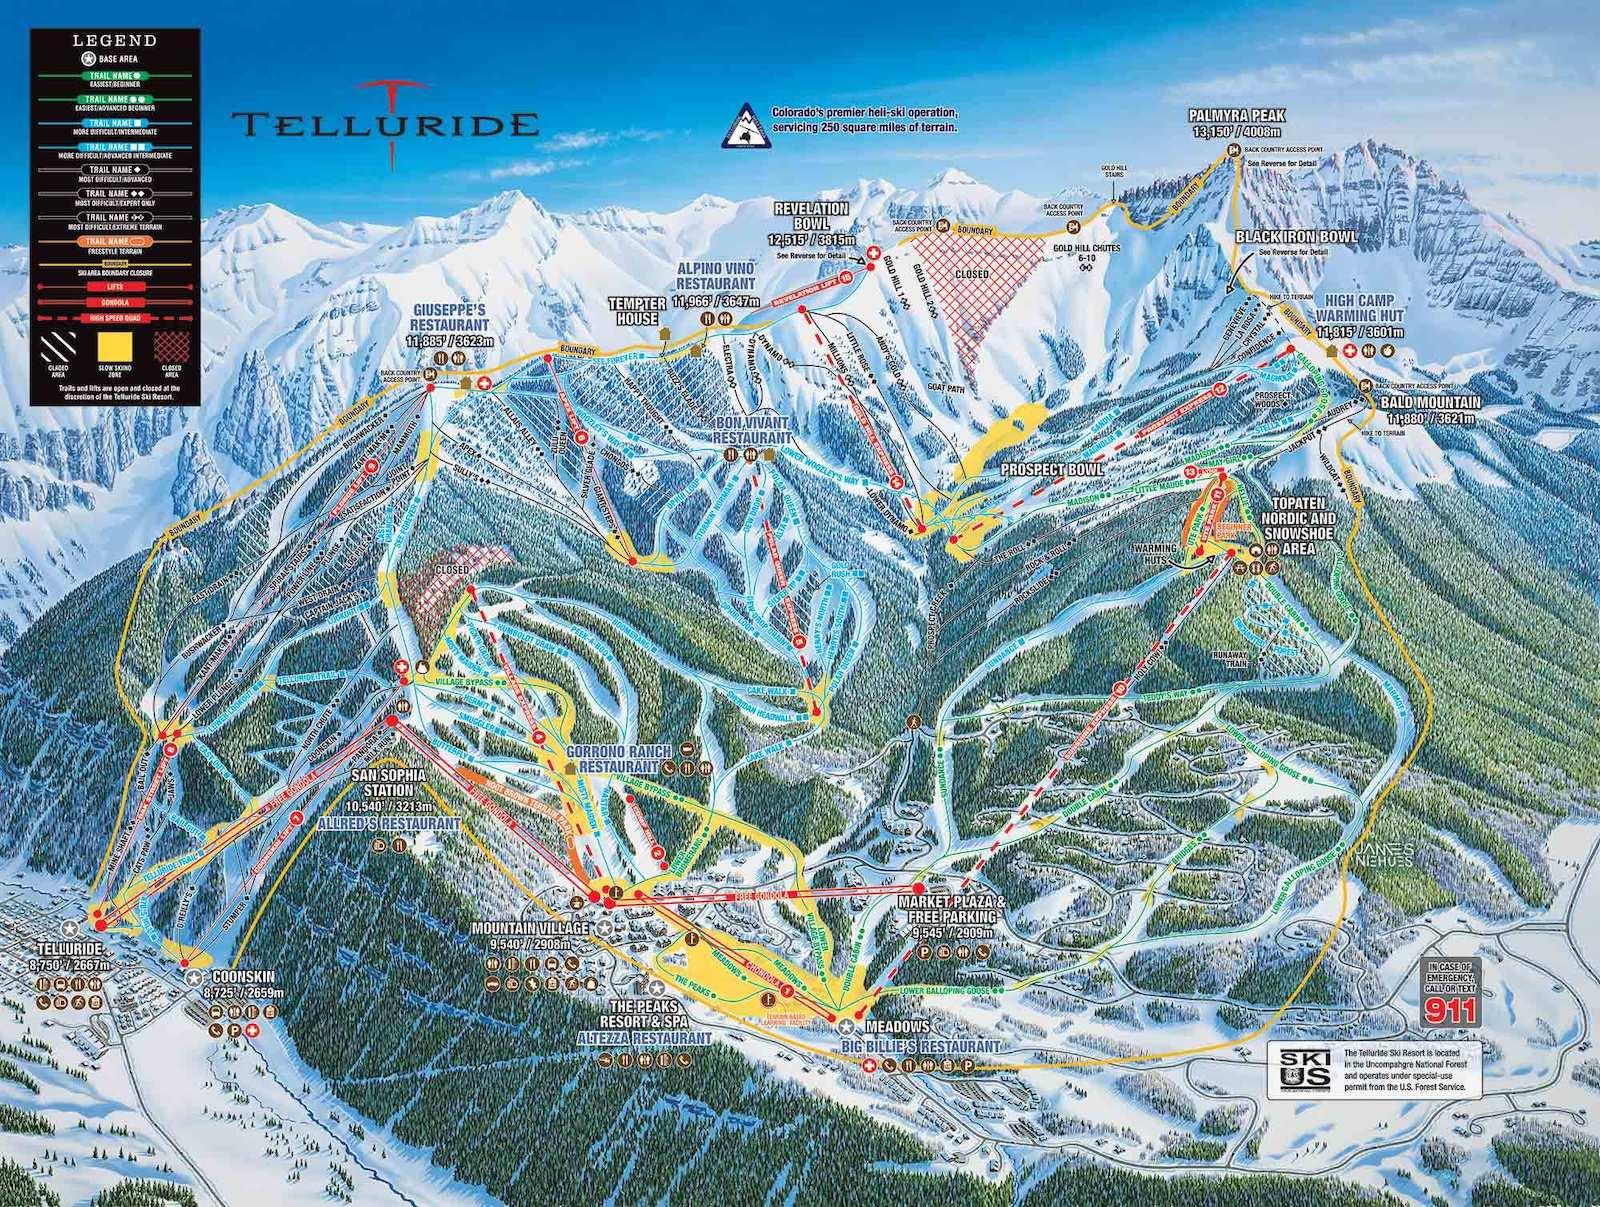 Telluride Ski Resort Trail Map